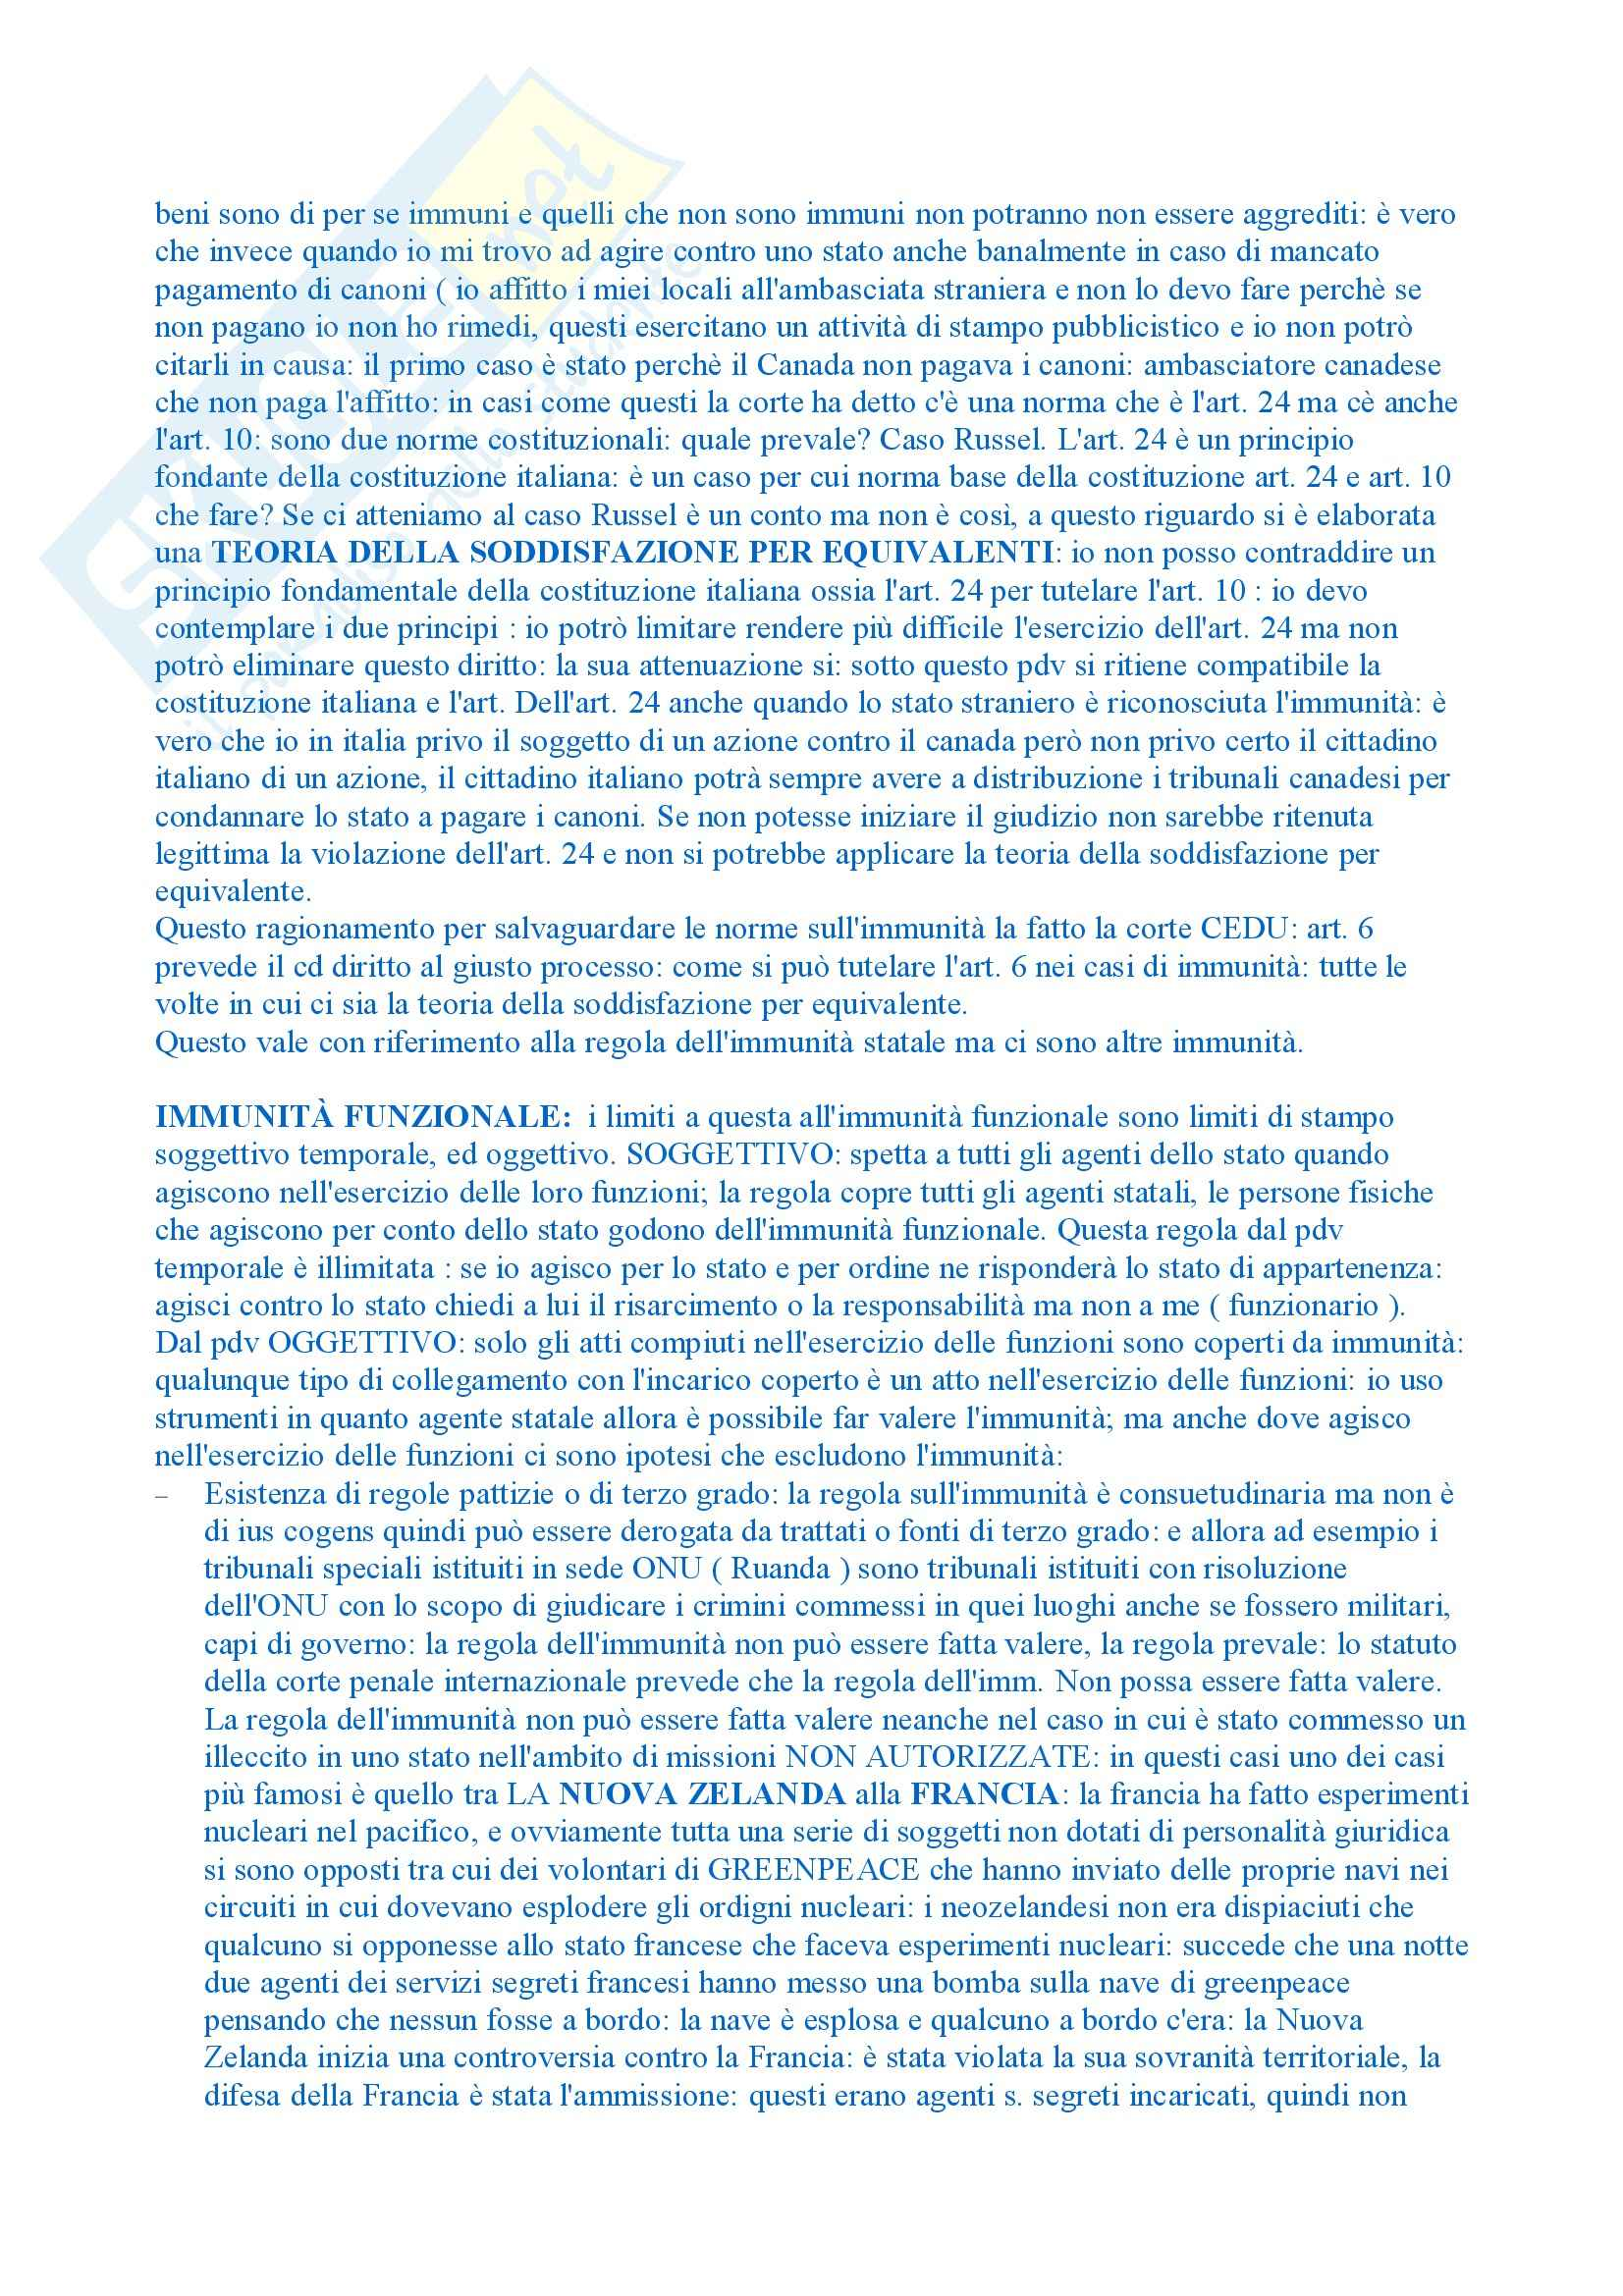 Diritto internazionale - Appunti dalle lezioni Pag. 76